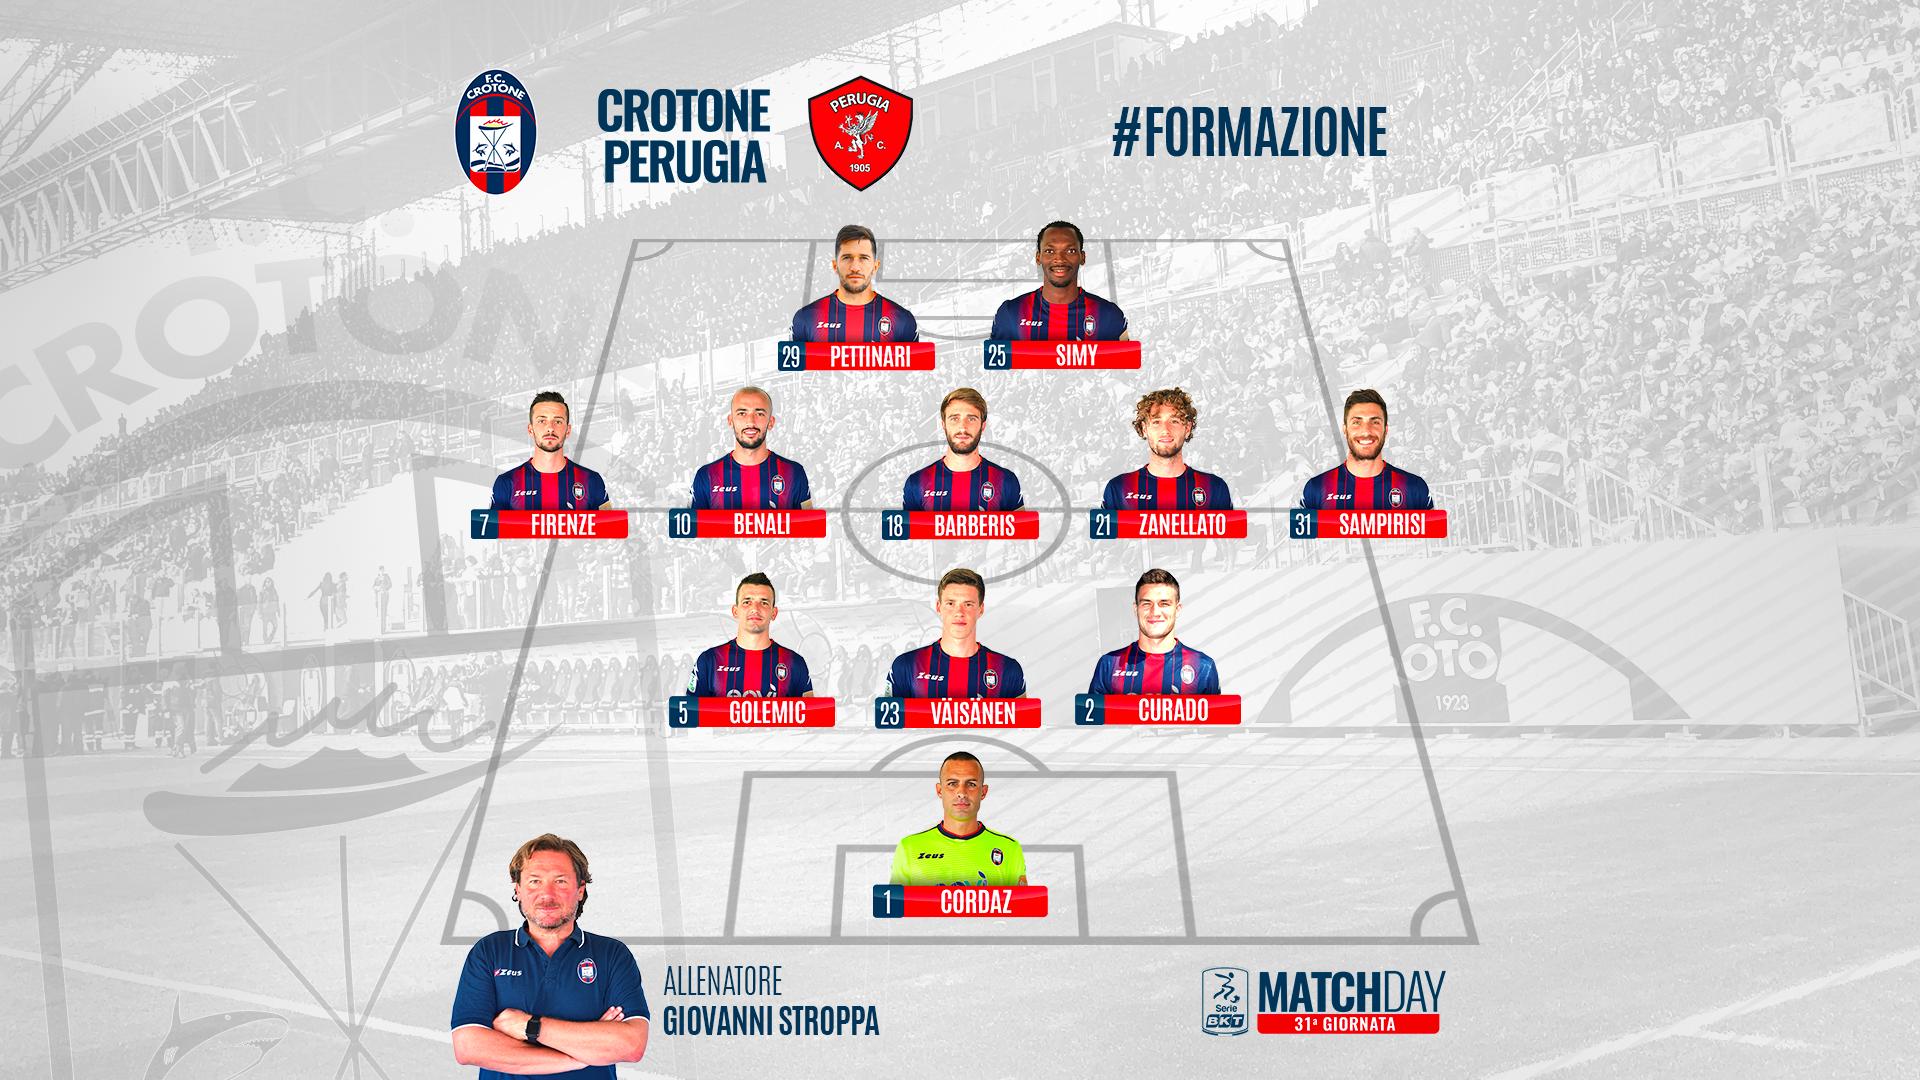 Crotone-Perugia, le formazioni ufficiali